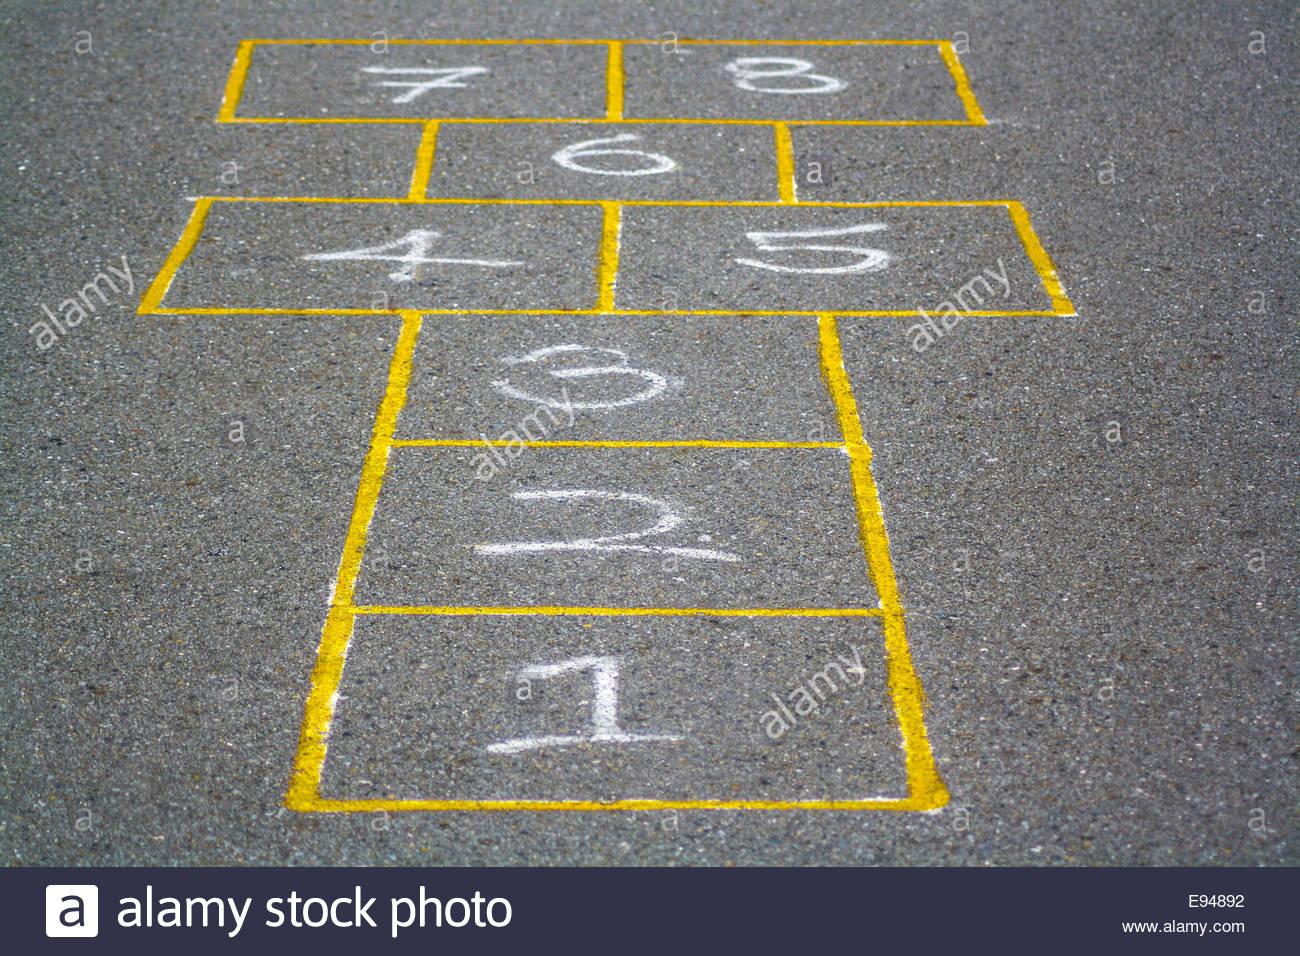 La Marelle Peinte Sur La Chaussée En Jaune Jeu Avec Des destiné Jeux Avec Des Nombres